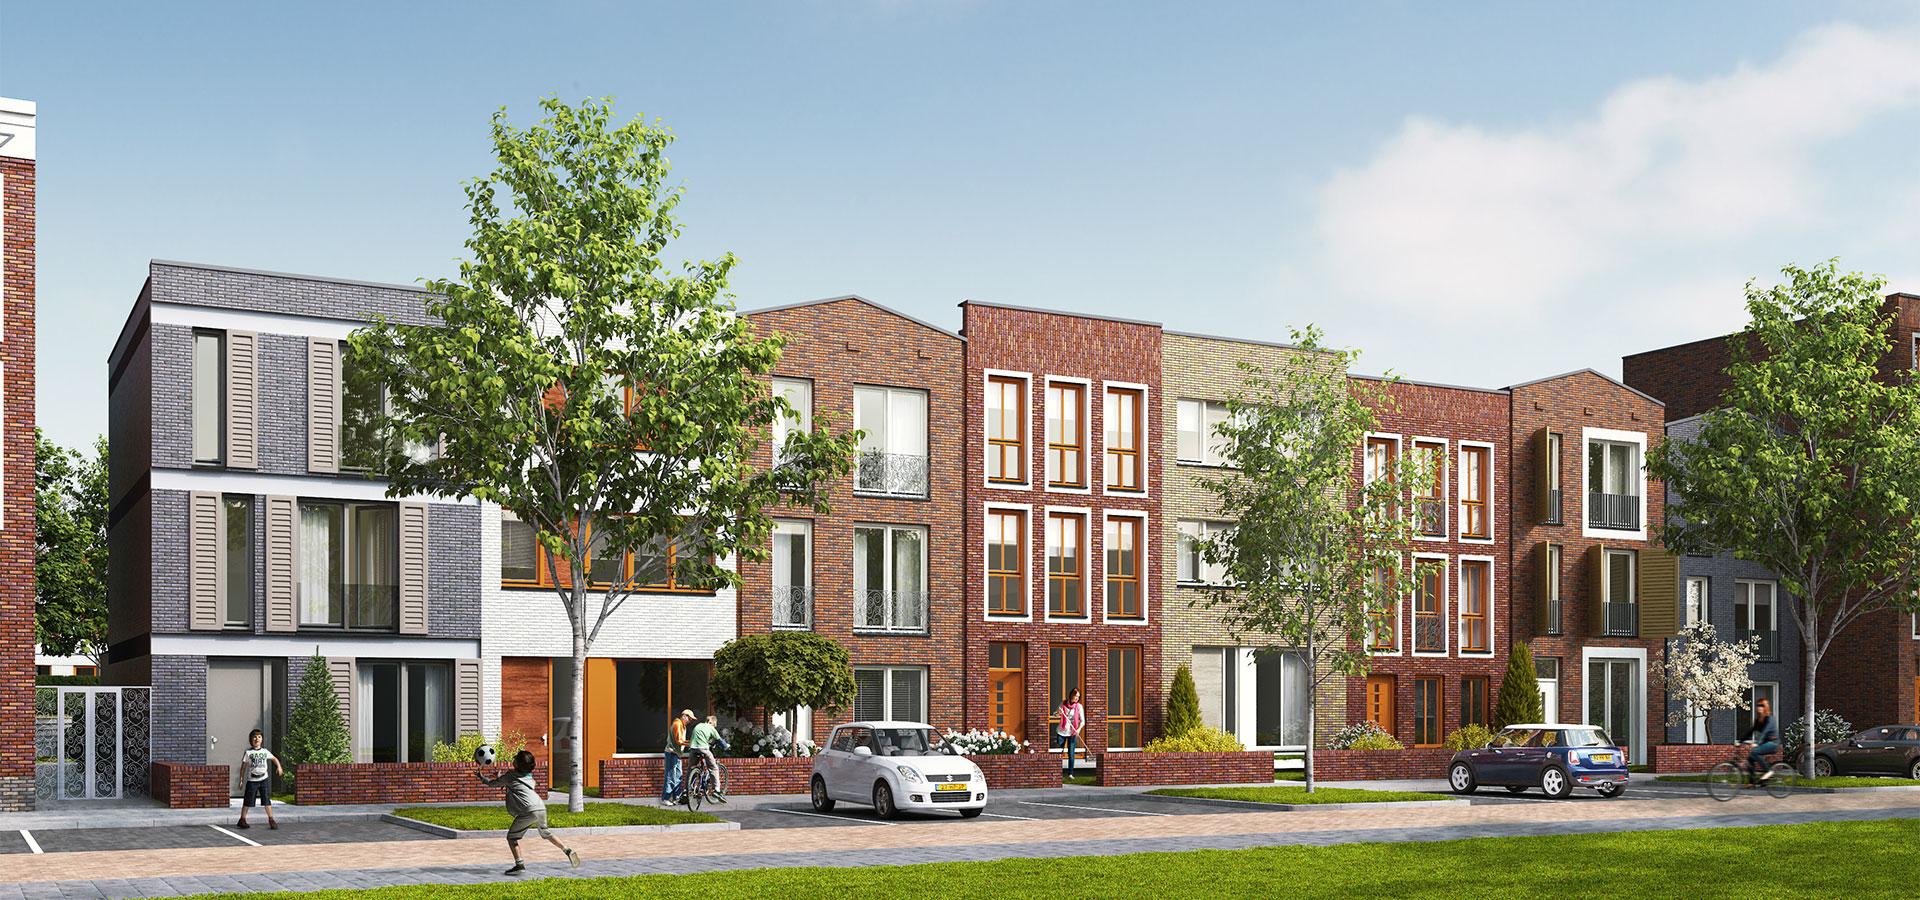 FARO architecten Hortus Utrecht 04